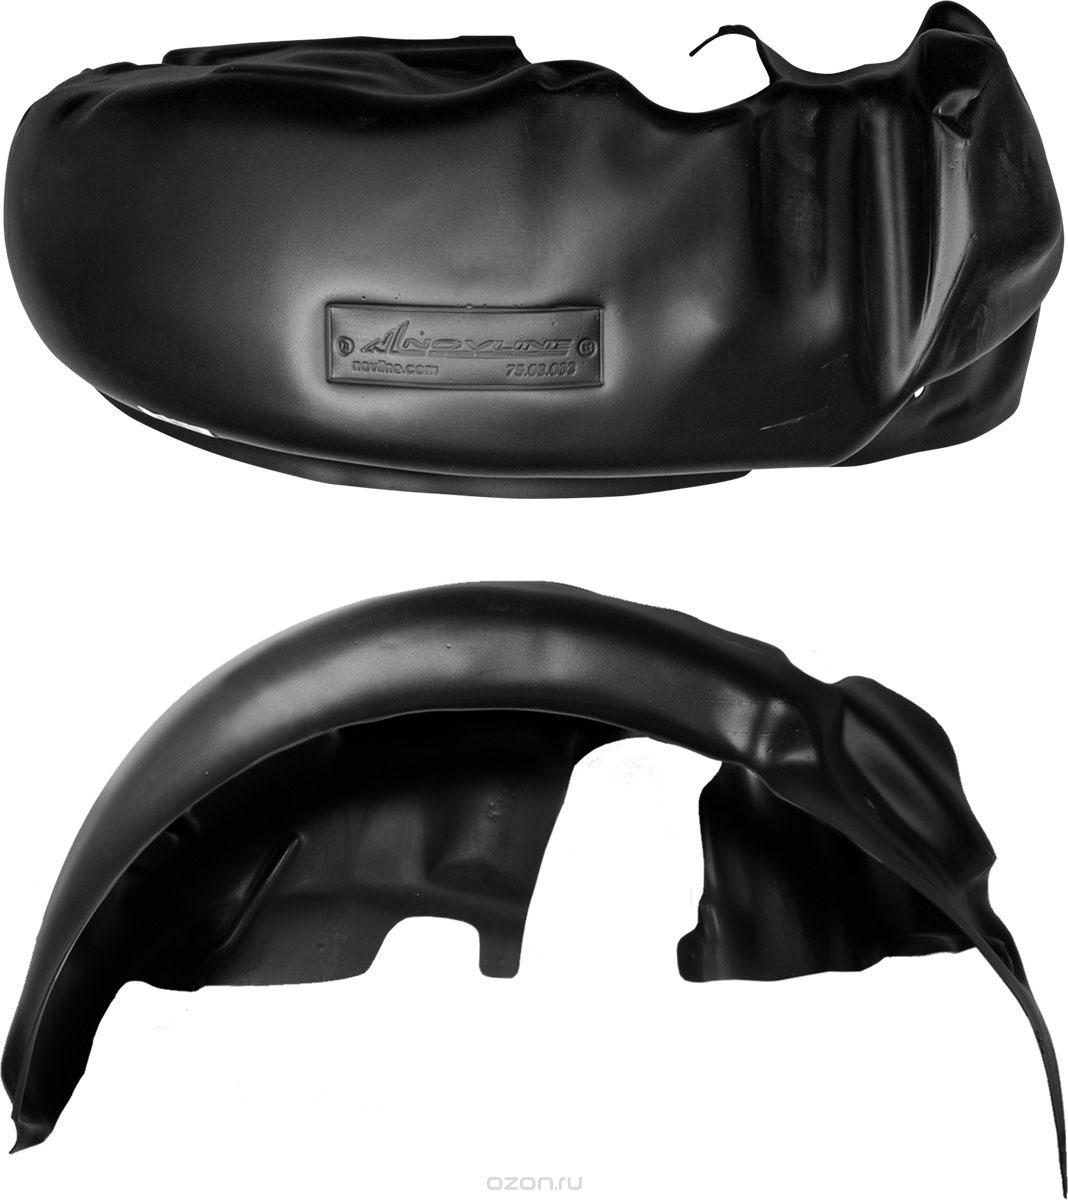 Подкрылок Novline-Autofamily, для Kia Rio, 04/2015->, хэтчбек, задний левыйNLL.25.43.003Идеальная защита колесной ниши. Локеры разработаны с применением цифровых технологий, гарантируют максимальную повторяемость поверхности арки. Изделия устанавливаются без нарушения лакокрасочного покрытия автомобиля, каждый подкрылок комплектуется крепежом. Уважаемые клиенты, обращаем ваше внимание, что фотографии на подкрылки универсальные и не отражают реальную форму изделия. При этом само изделие идет точно под размер указанного автомобиля.